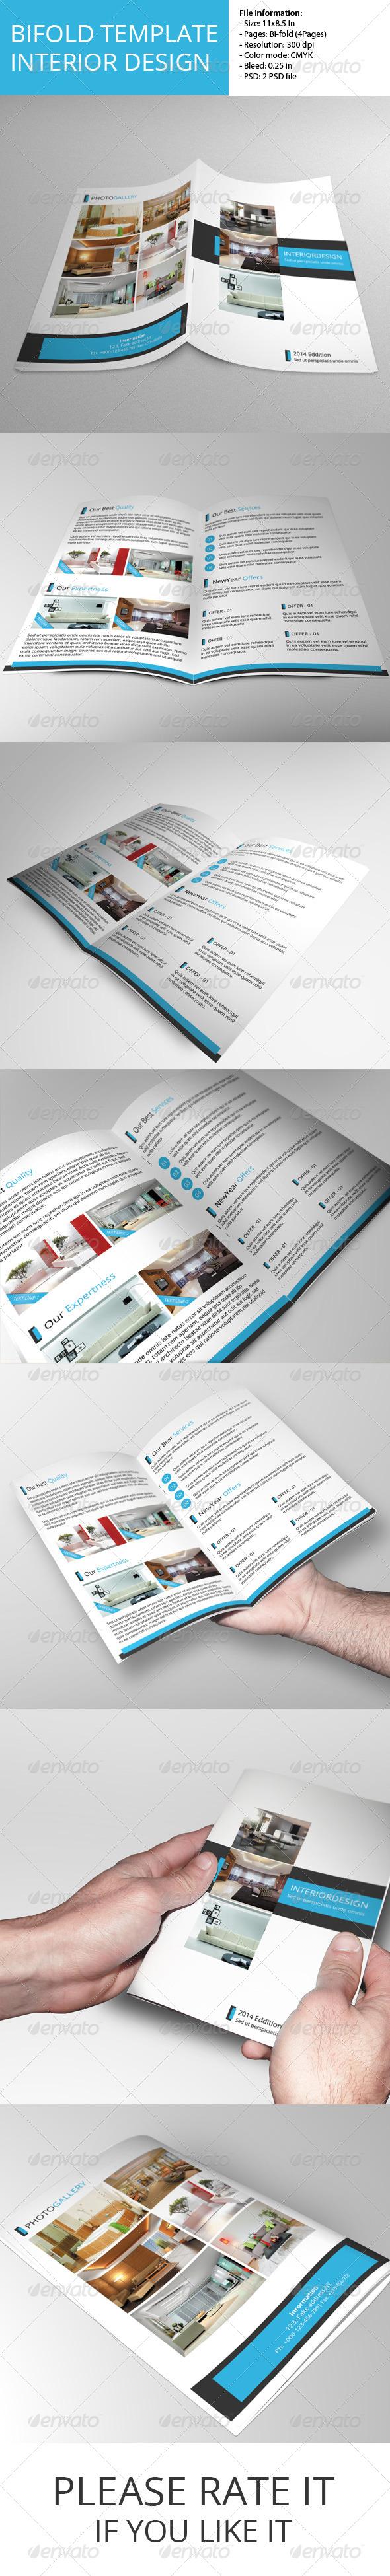 Bifold Brochure-Interior Design - Corporate Brochures